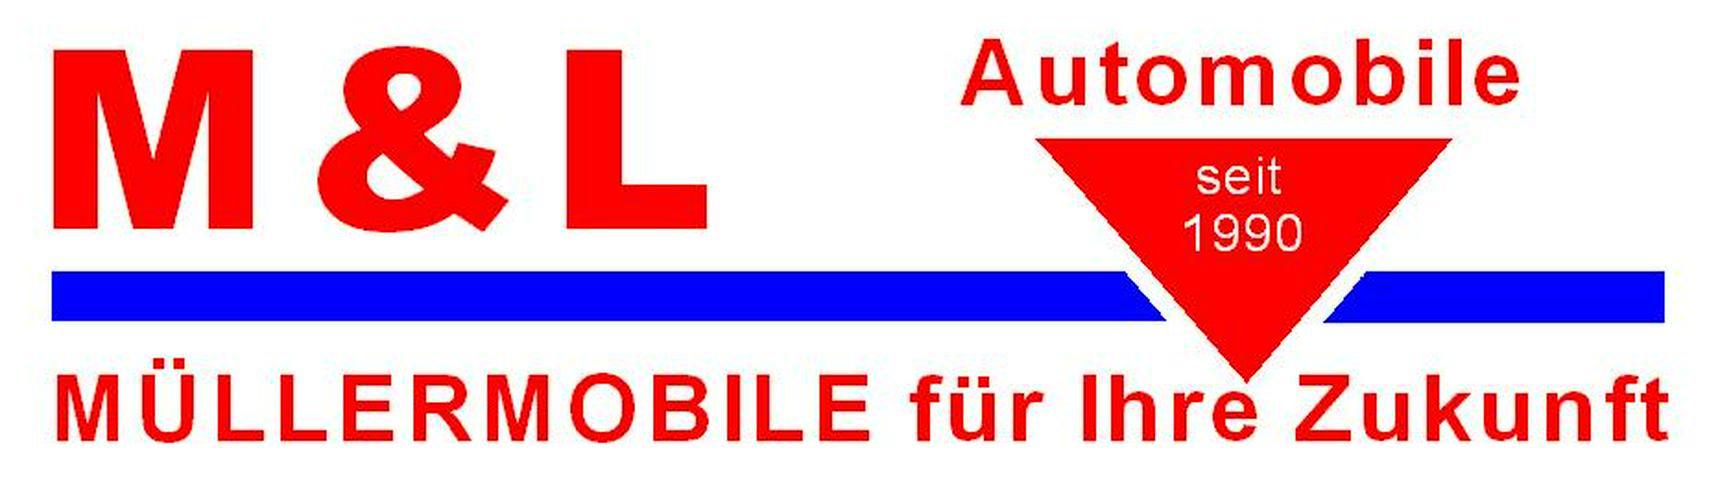 Klimacheck Klimaanlage auffüllen Klimaservice in Halle VW Audi Mercedes BMW Skoda Seat Renault